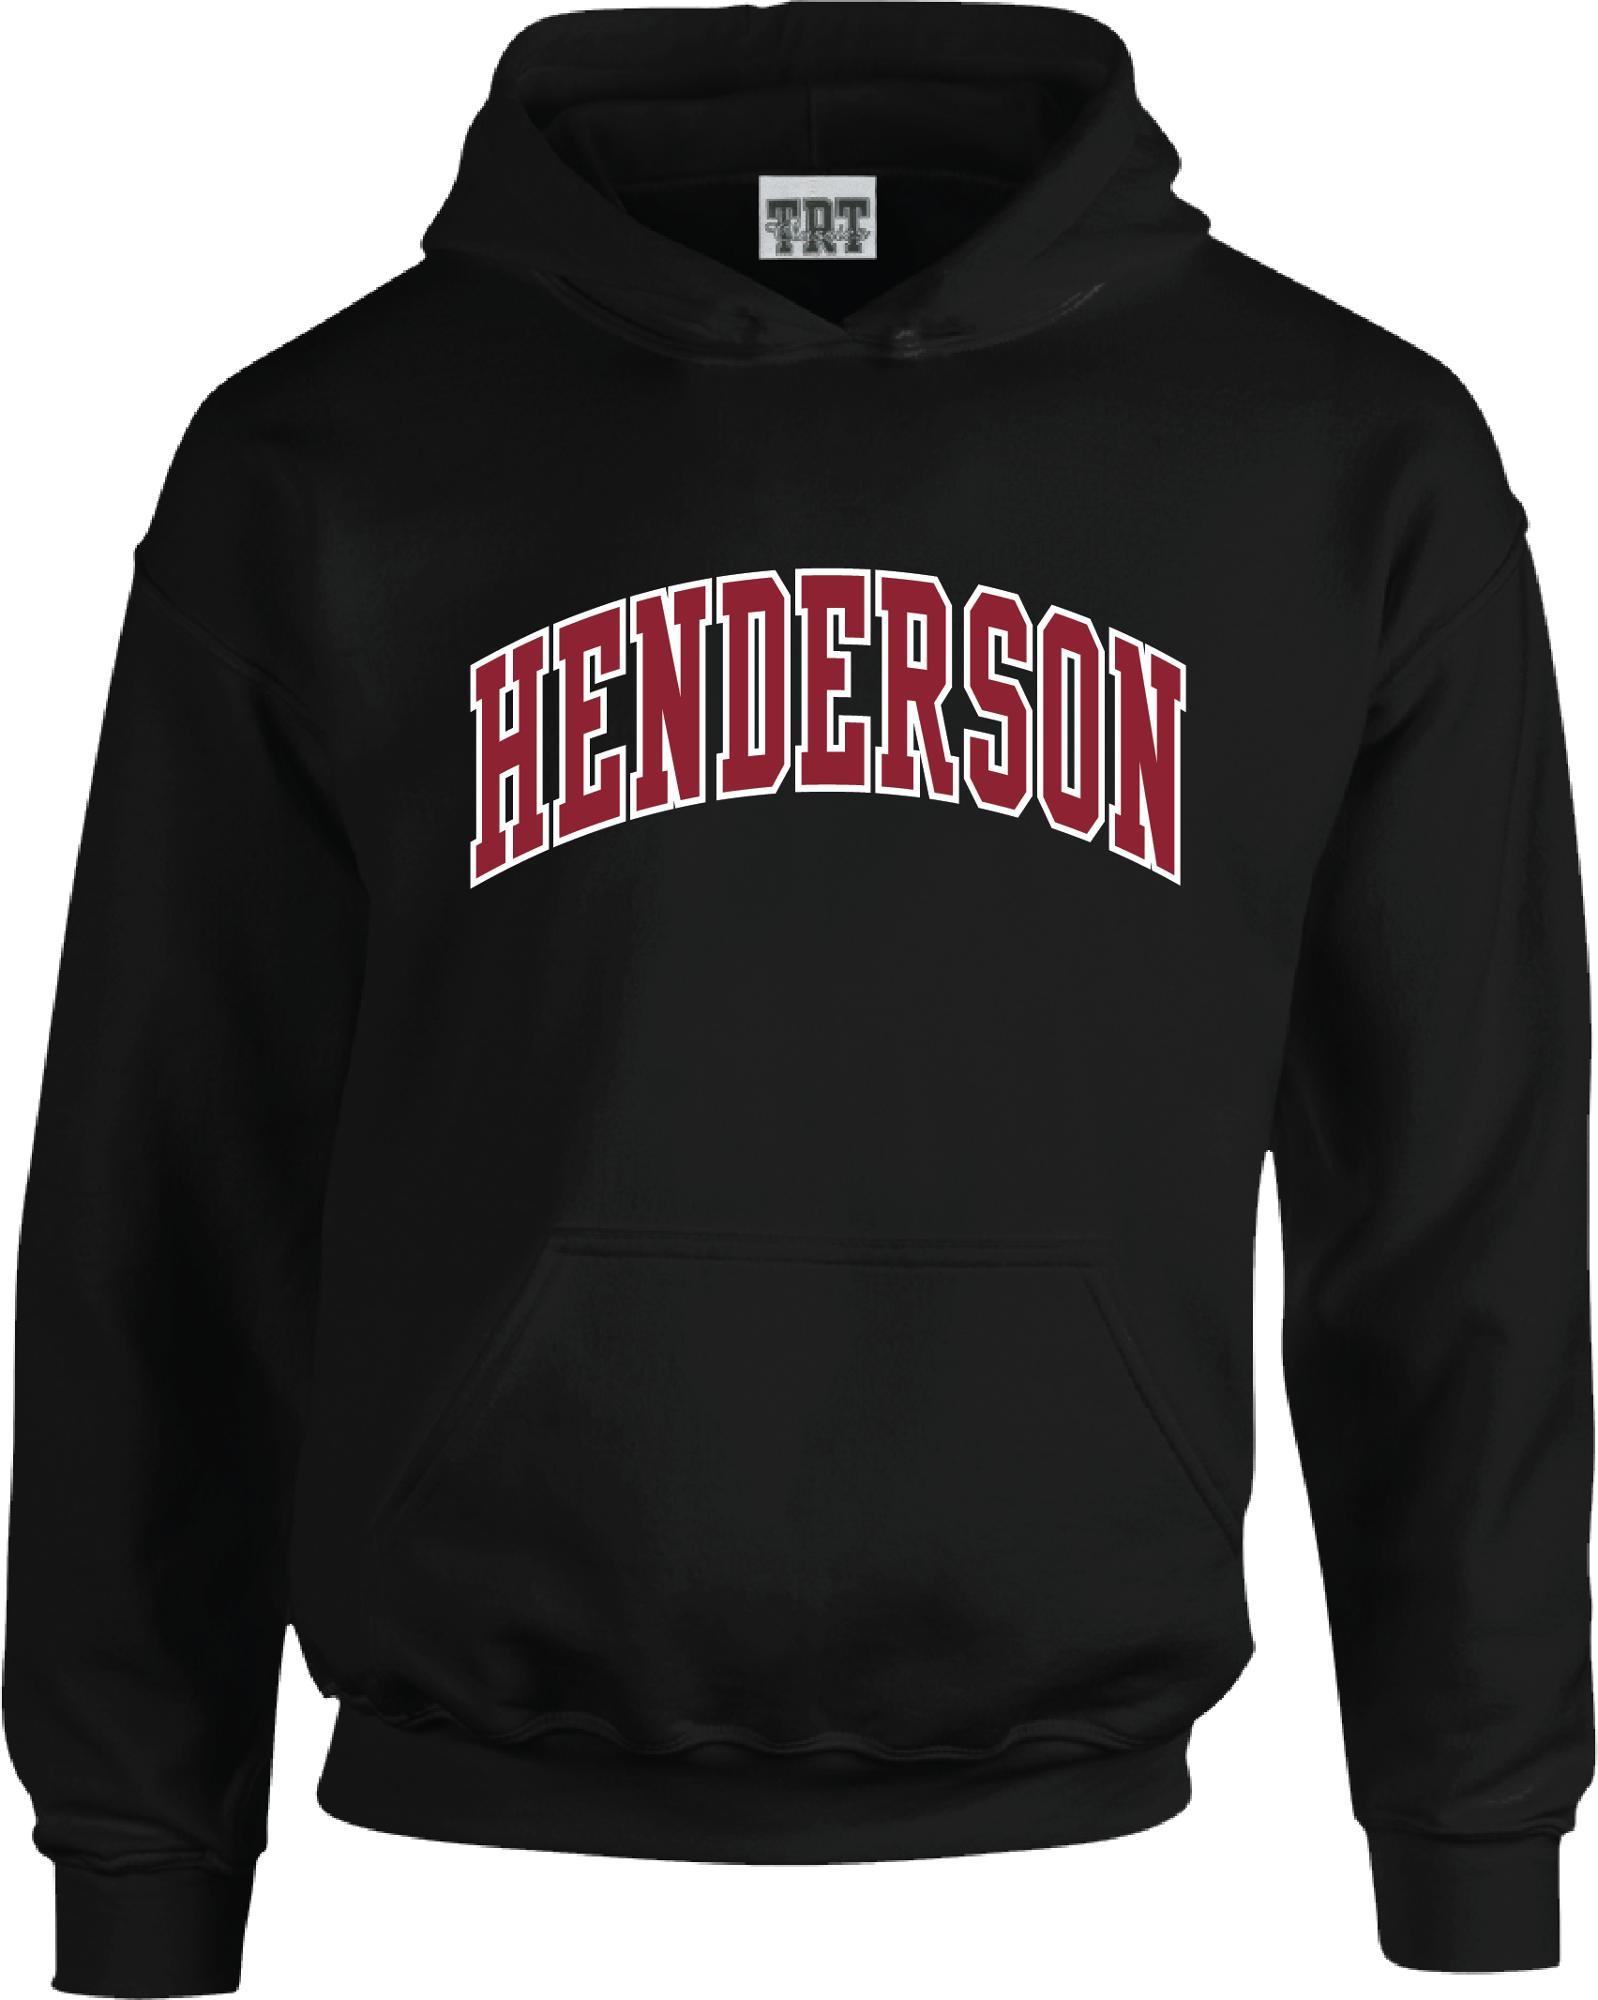 image of: Henderson Hoodie